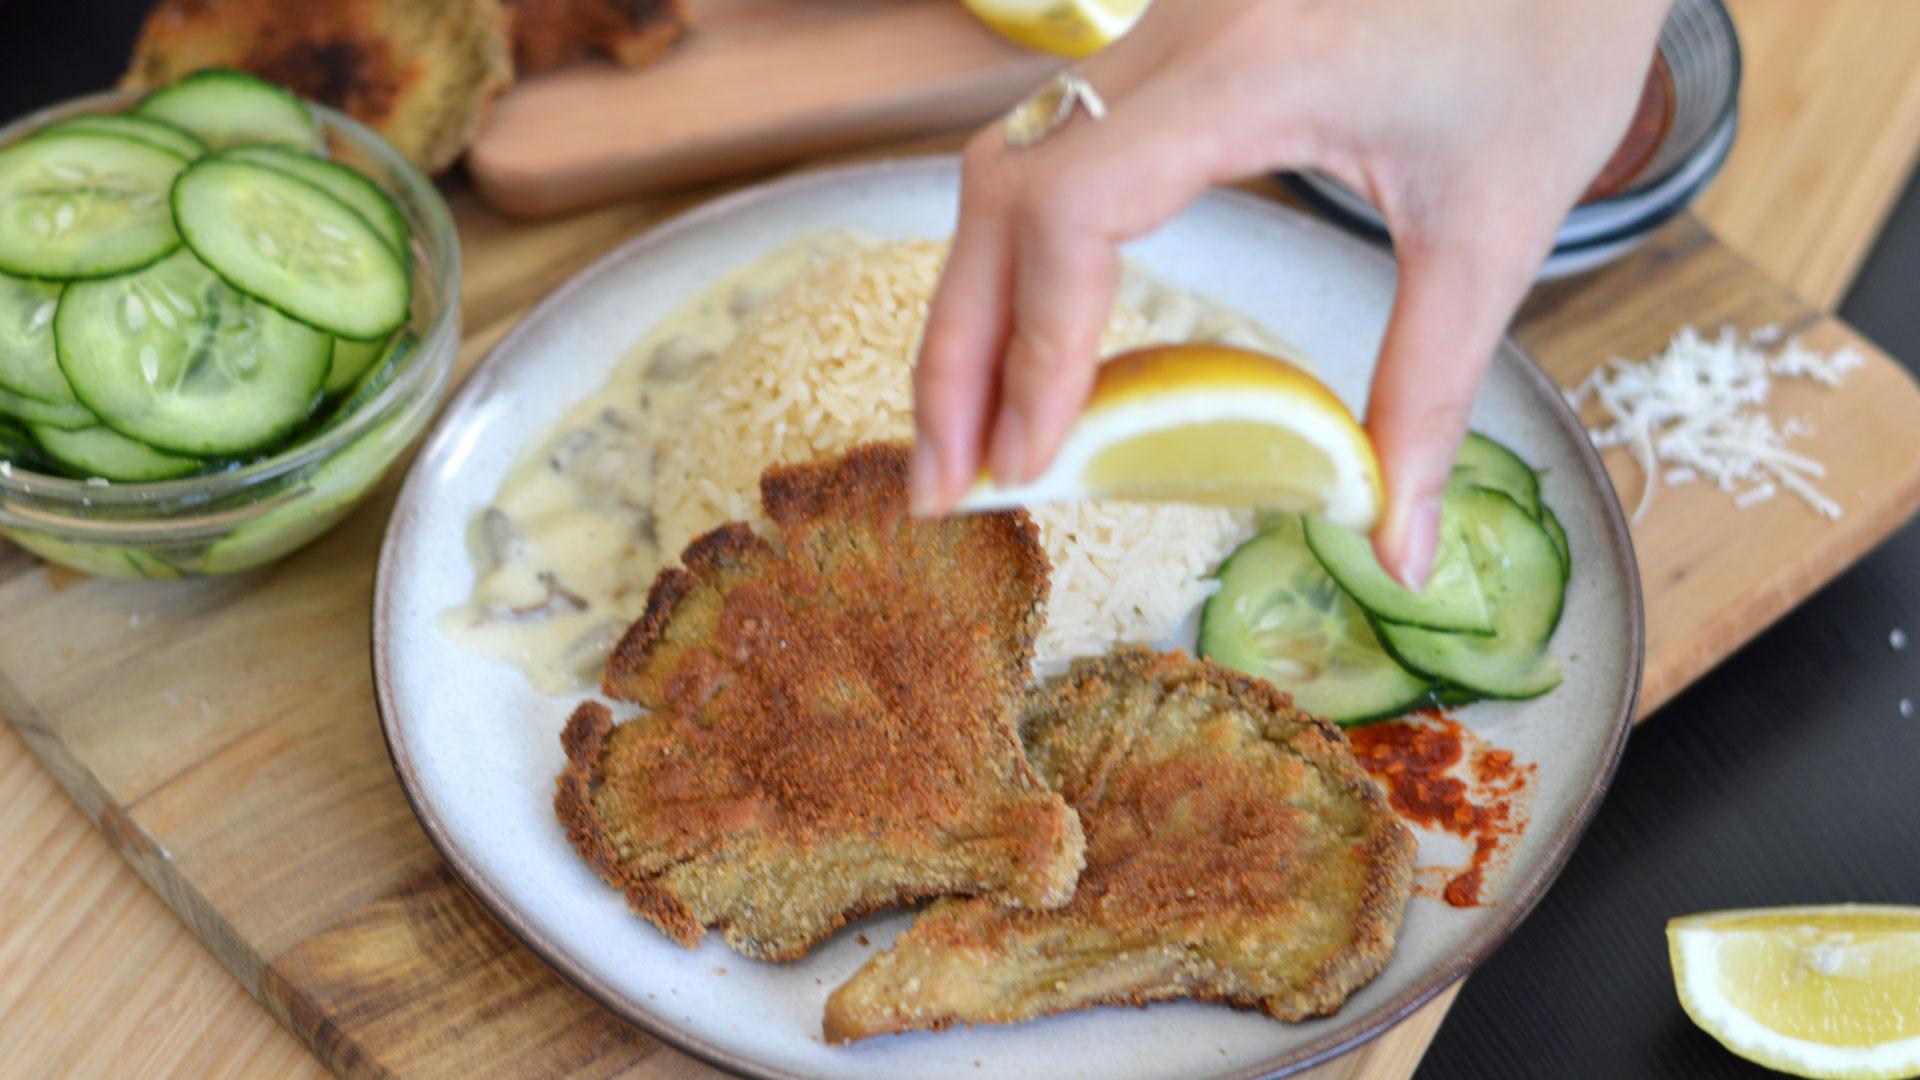 rezept für vegetarische Austernpilz-schnitzel   www.dearlicious.com